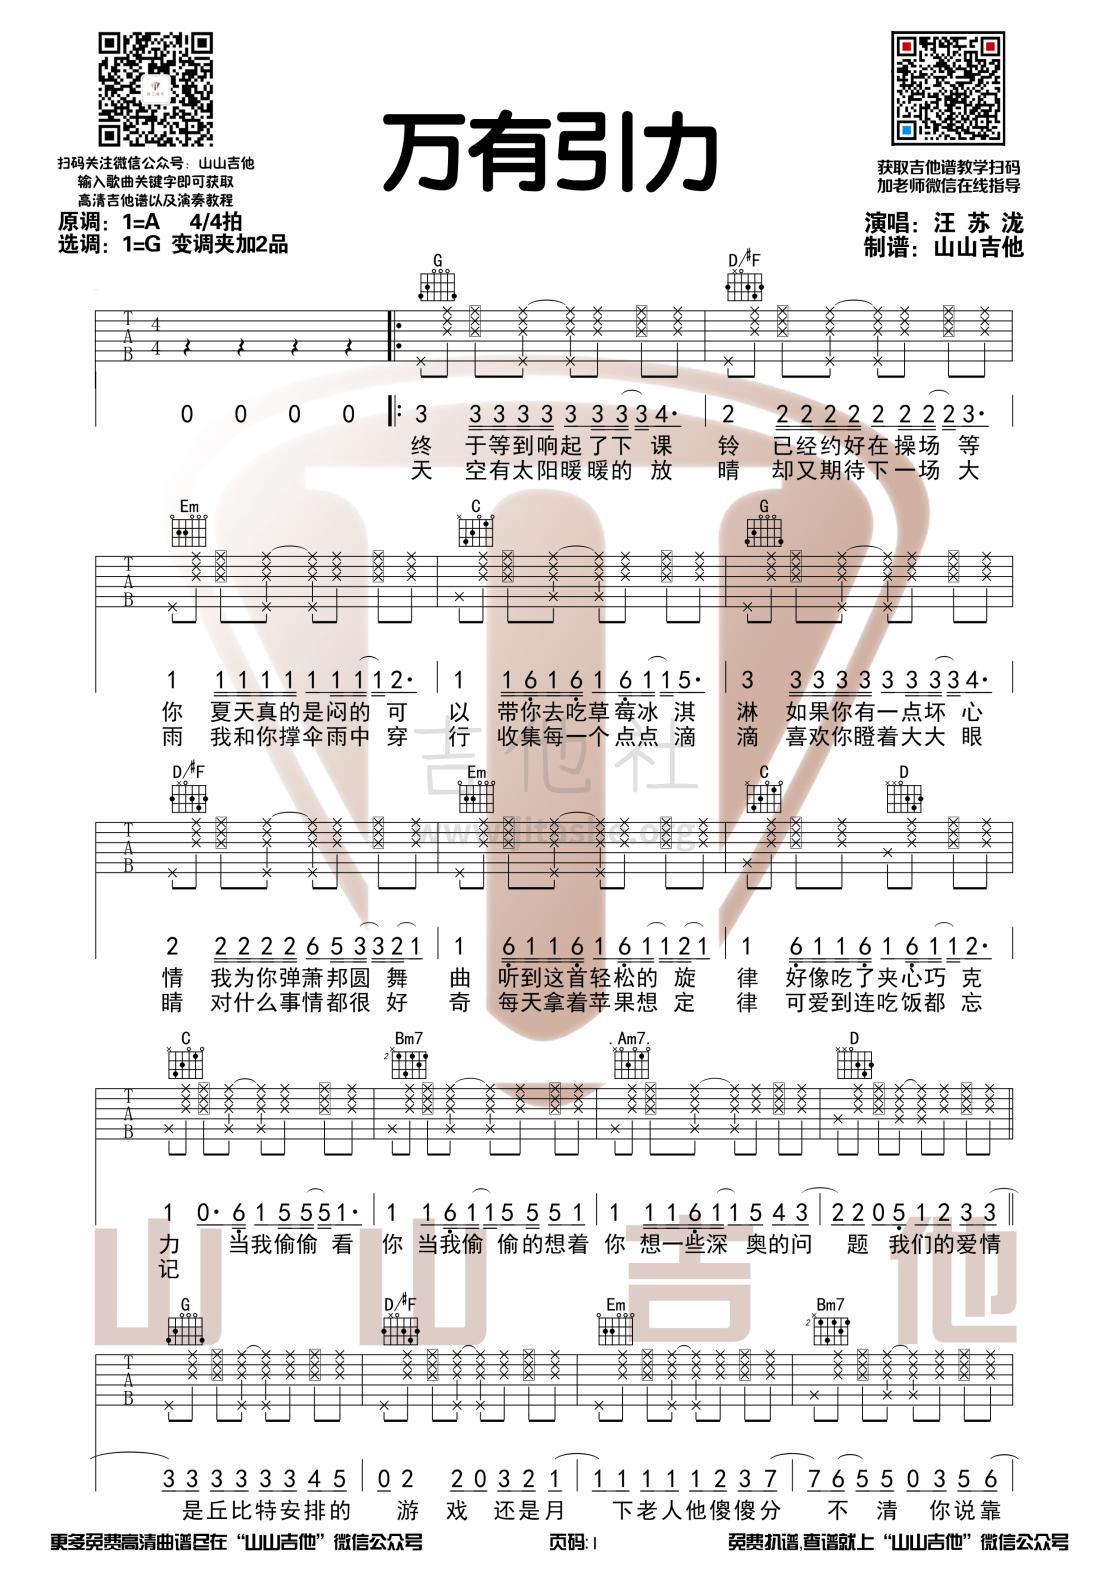 万有引力(G调和弦吉他谱【山山吉他编配】)吉他谱(图片谱,弹唱)_汪苏泷(silence.w)_万有引力1.png